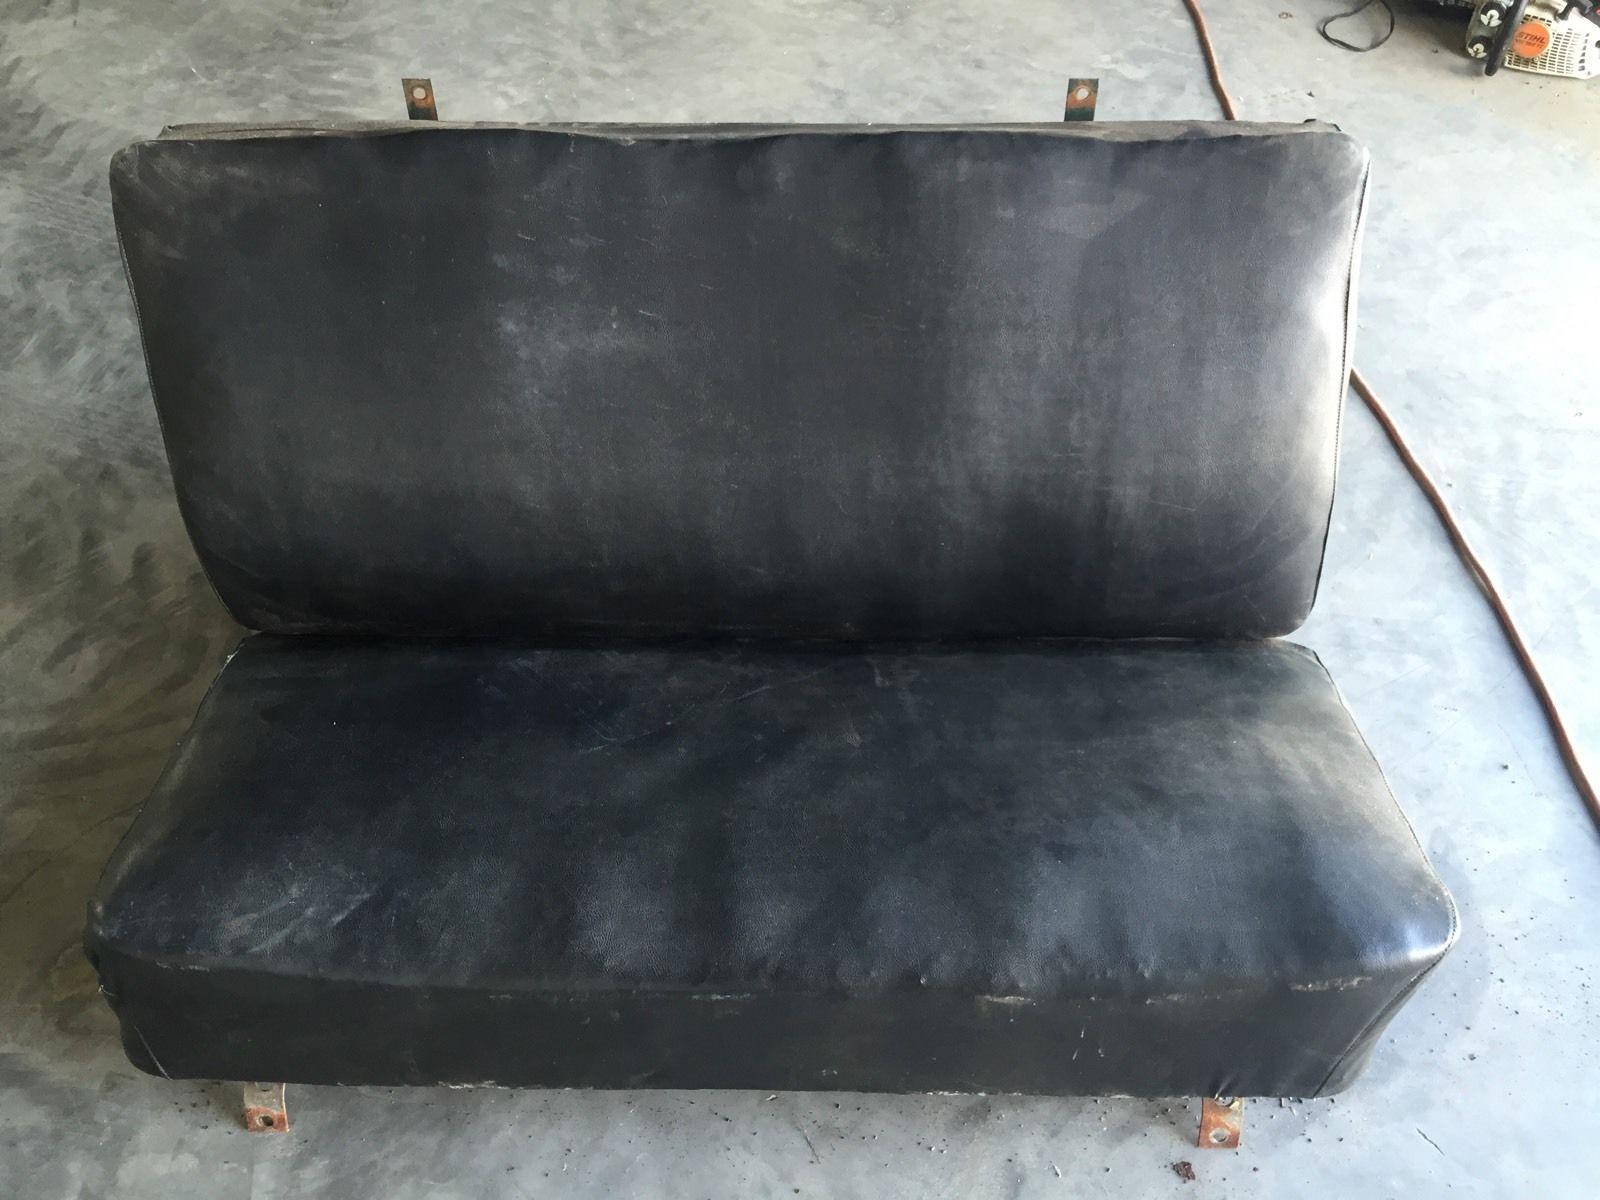 Superb K Kb Series Front Bench Seat Kb 1 Kb 2 Kb5 Kb1 Kb2 K5 Theyellowbook Wood Chair Design Ideas Theyellowbookinfo